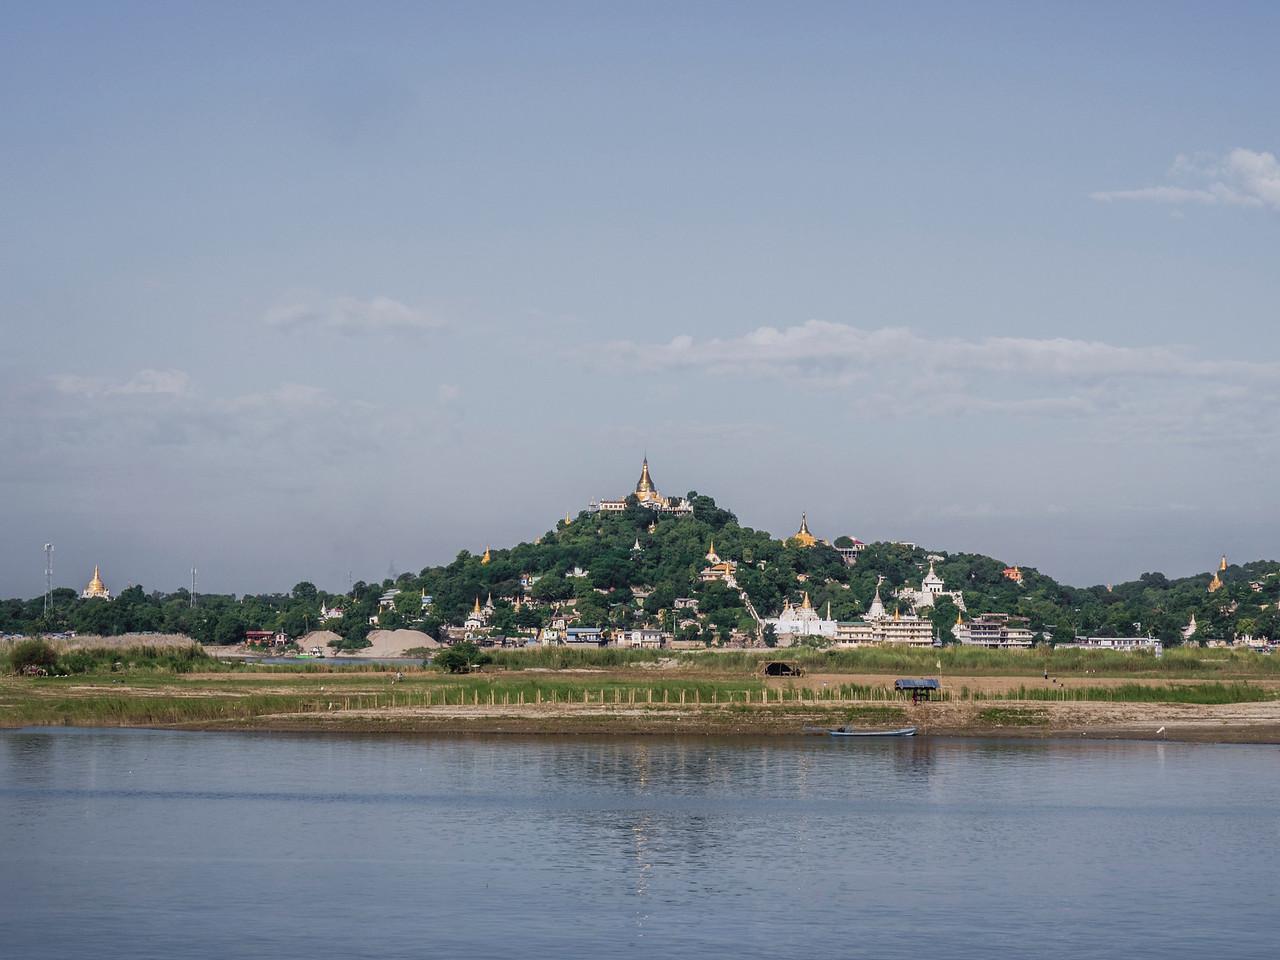 Sagaing Hill, Sagaing